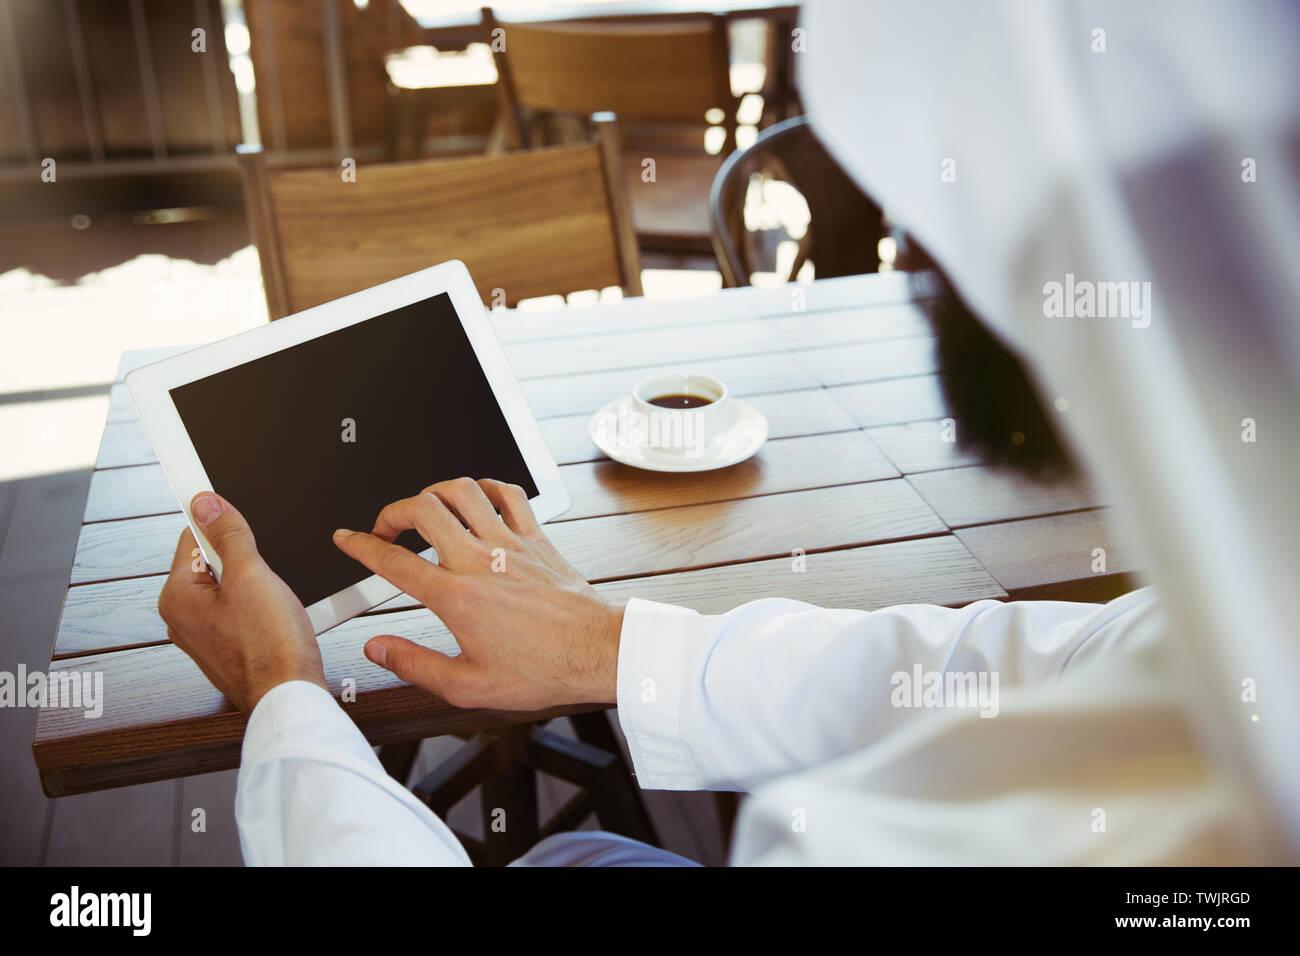 Saudi Men Computer Stock Photos & Saudi Men Computer Stock Images